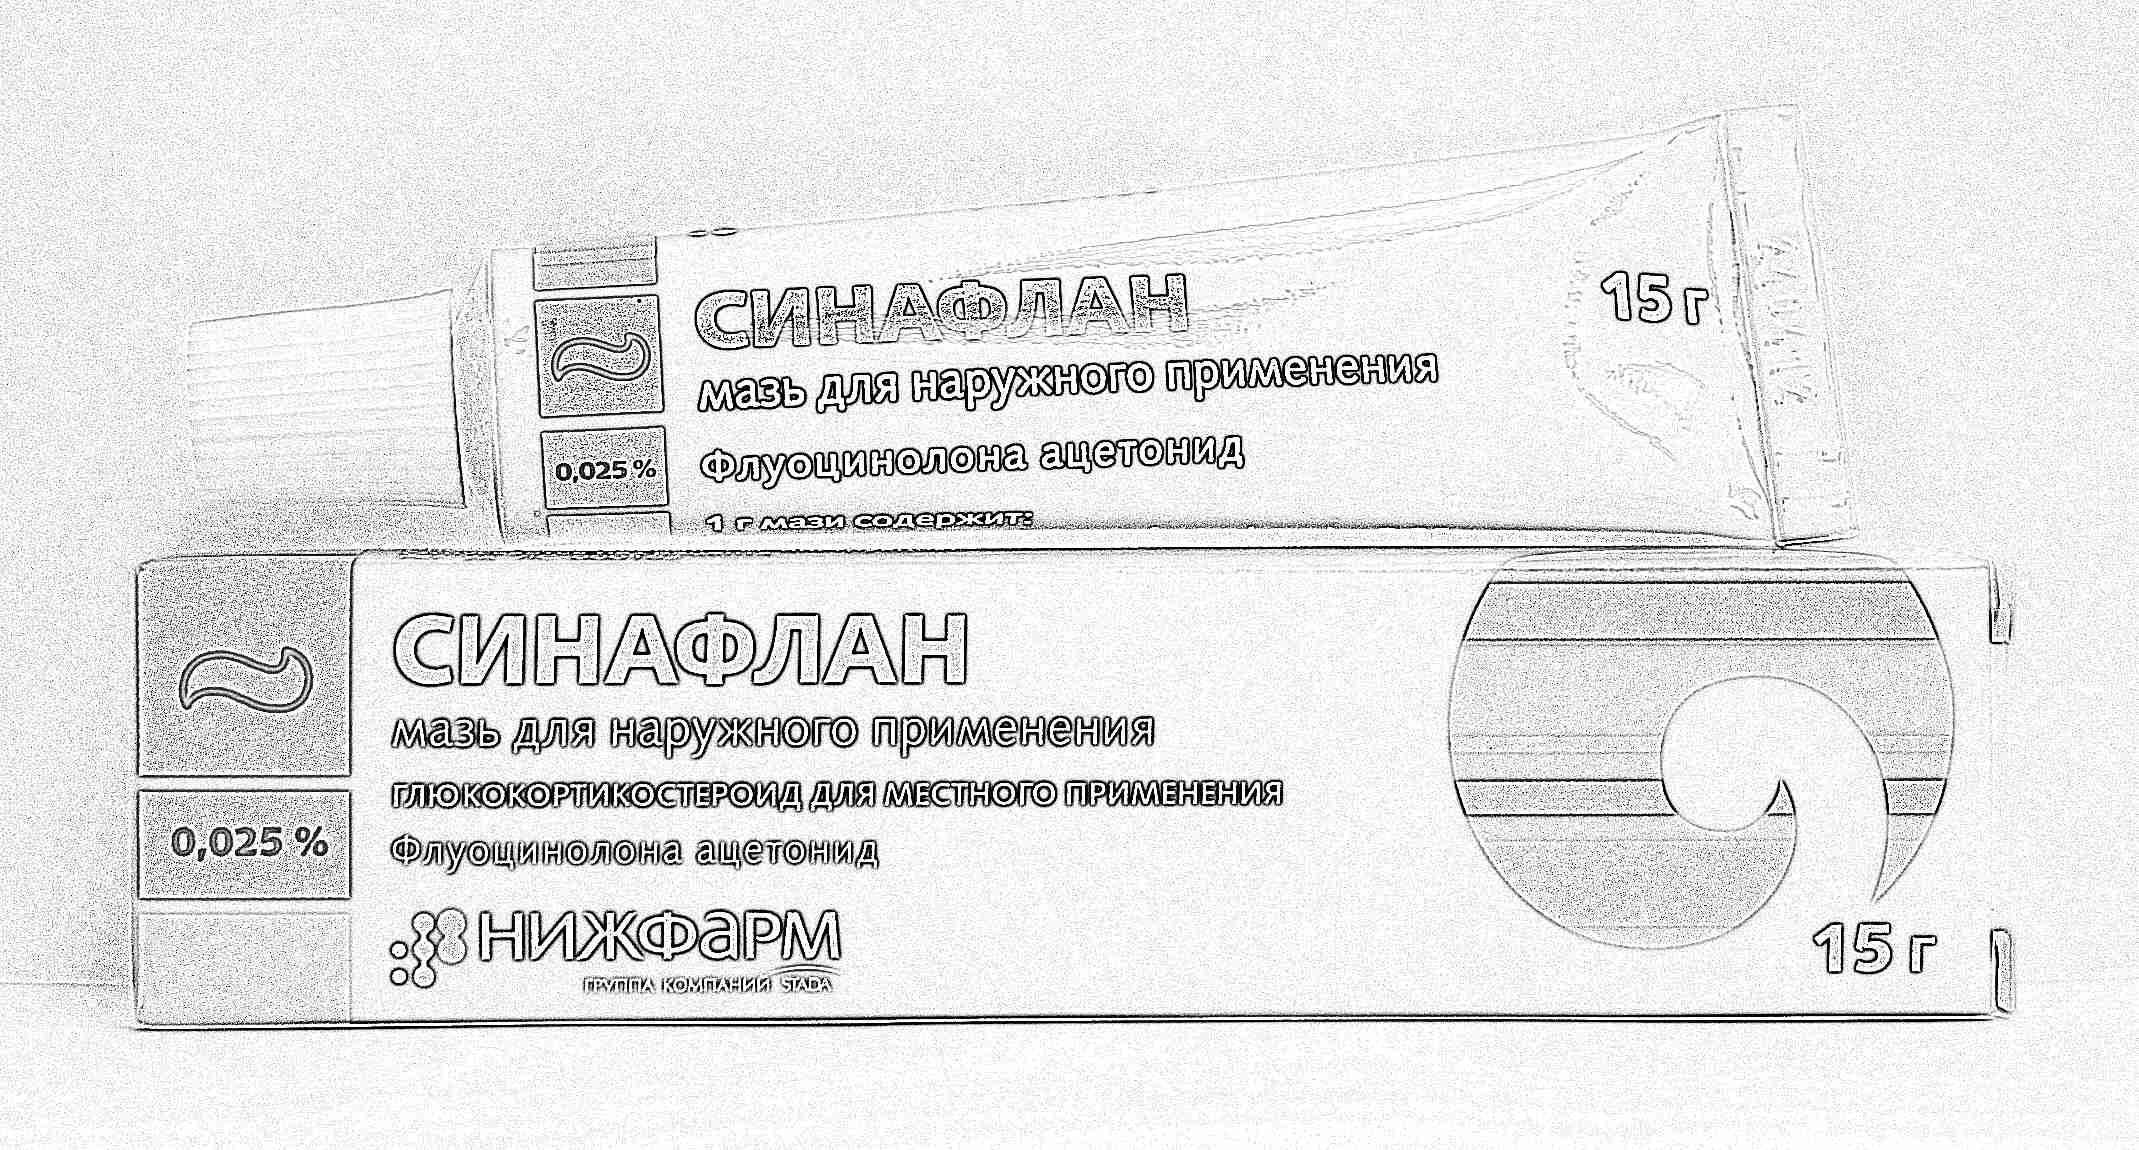 Мазь с нифедипином